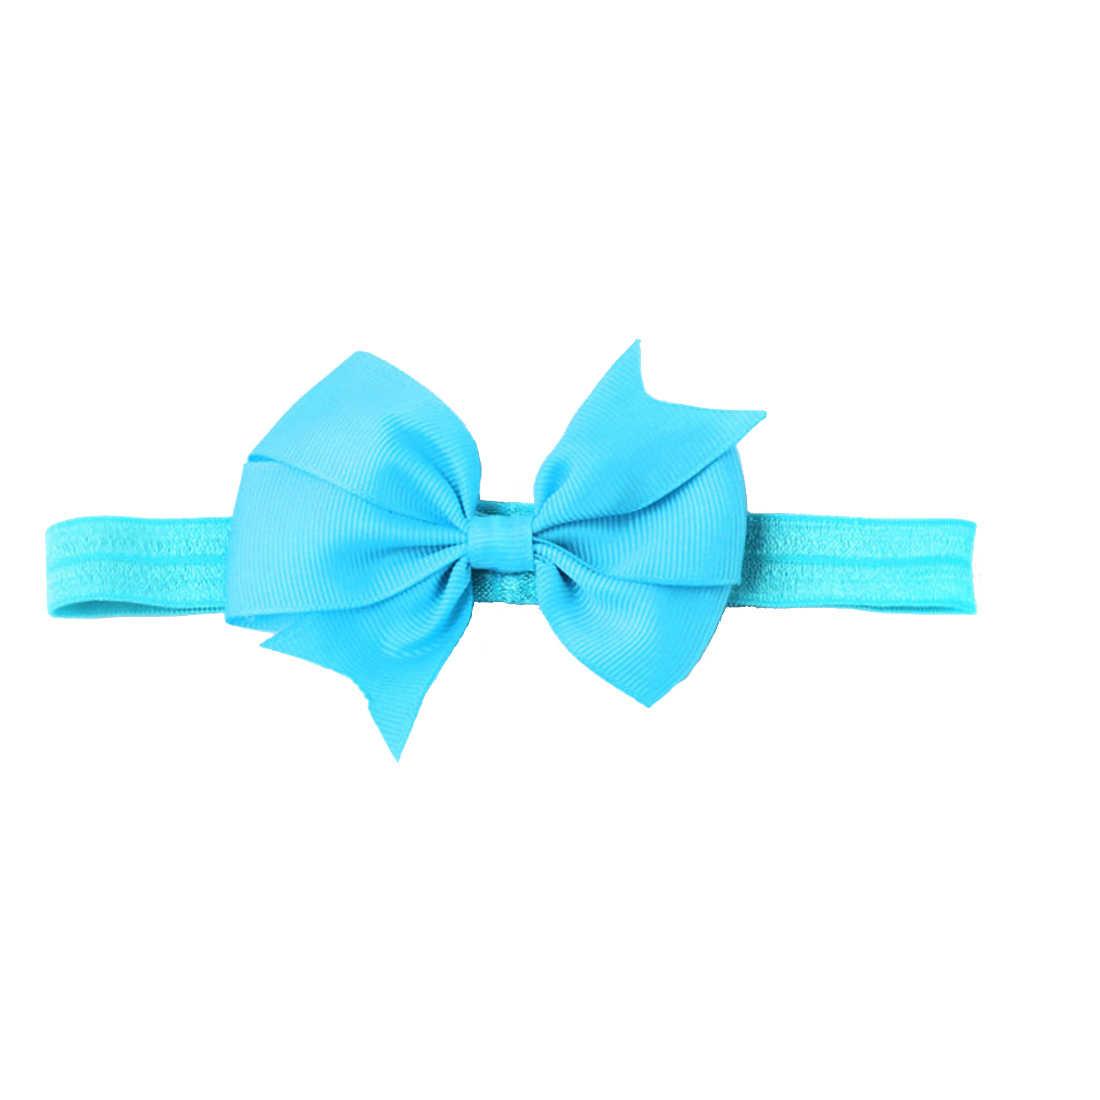 หญิง bow knot hairband head band headwrap เด็ก headbands headwear ทารกแรกเกิดเด็กวัยหัดเดินของขวัญ tiara อุปกรณ์เสริมผม